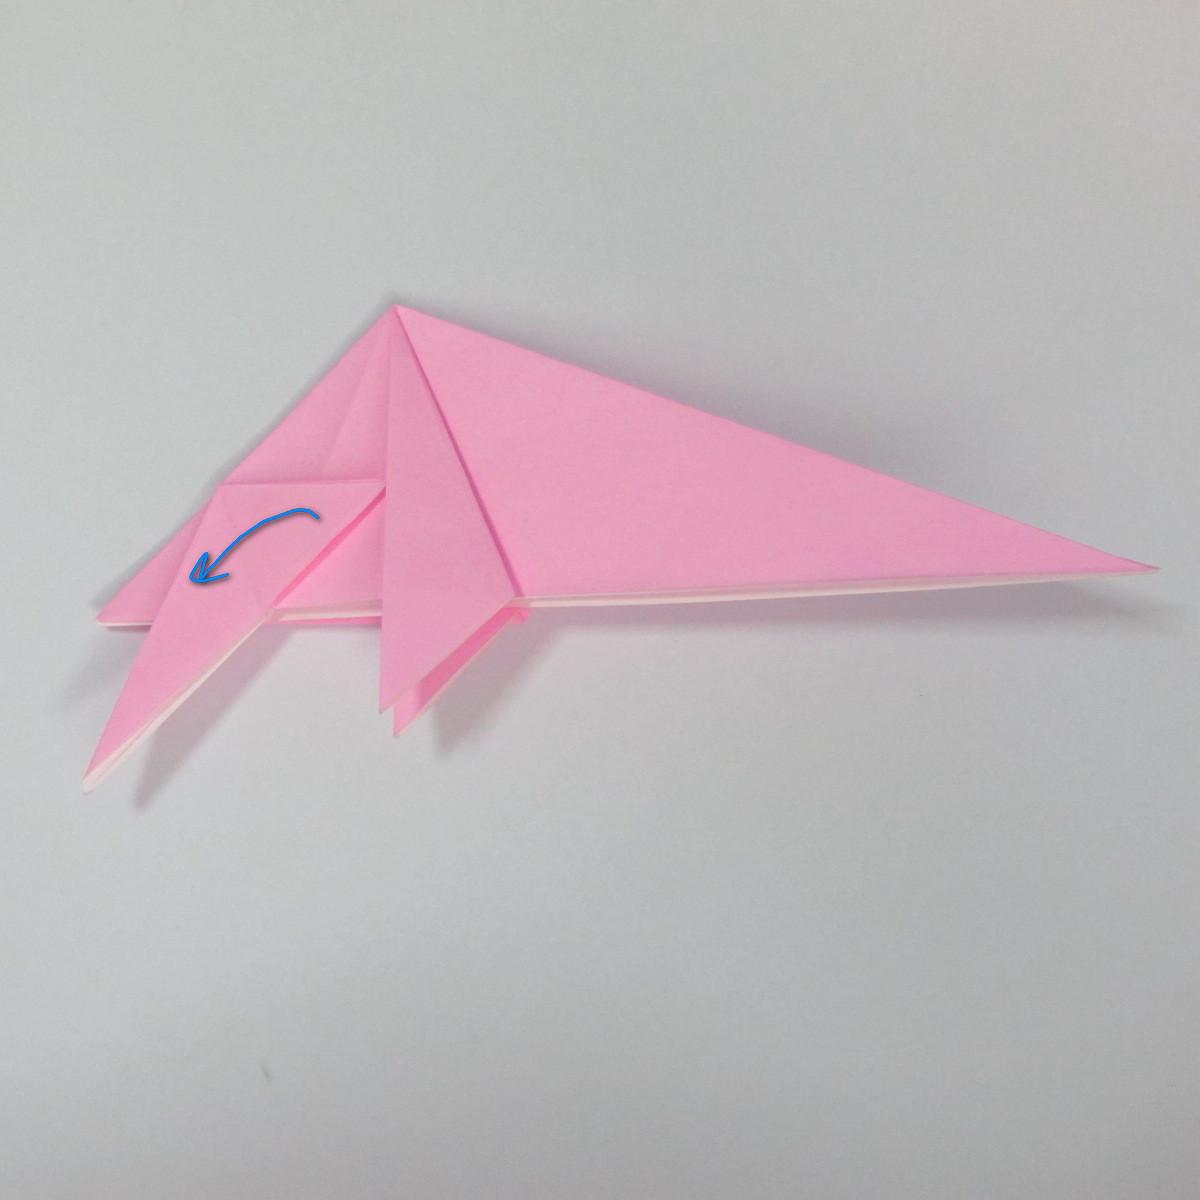 สอนการพับกระดาษเป็นลูกสุนัขชเนาเซอร์ (Origami Schnauzer Puppy) 049